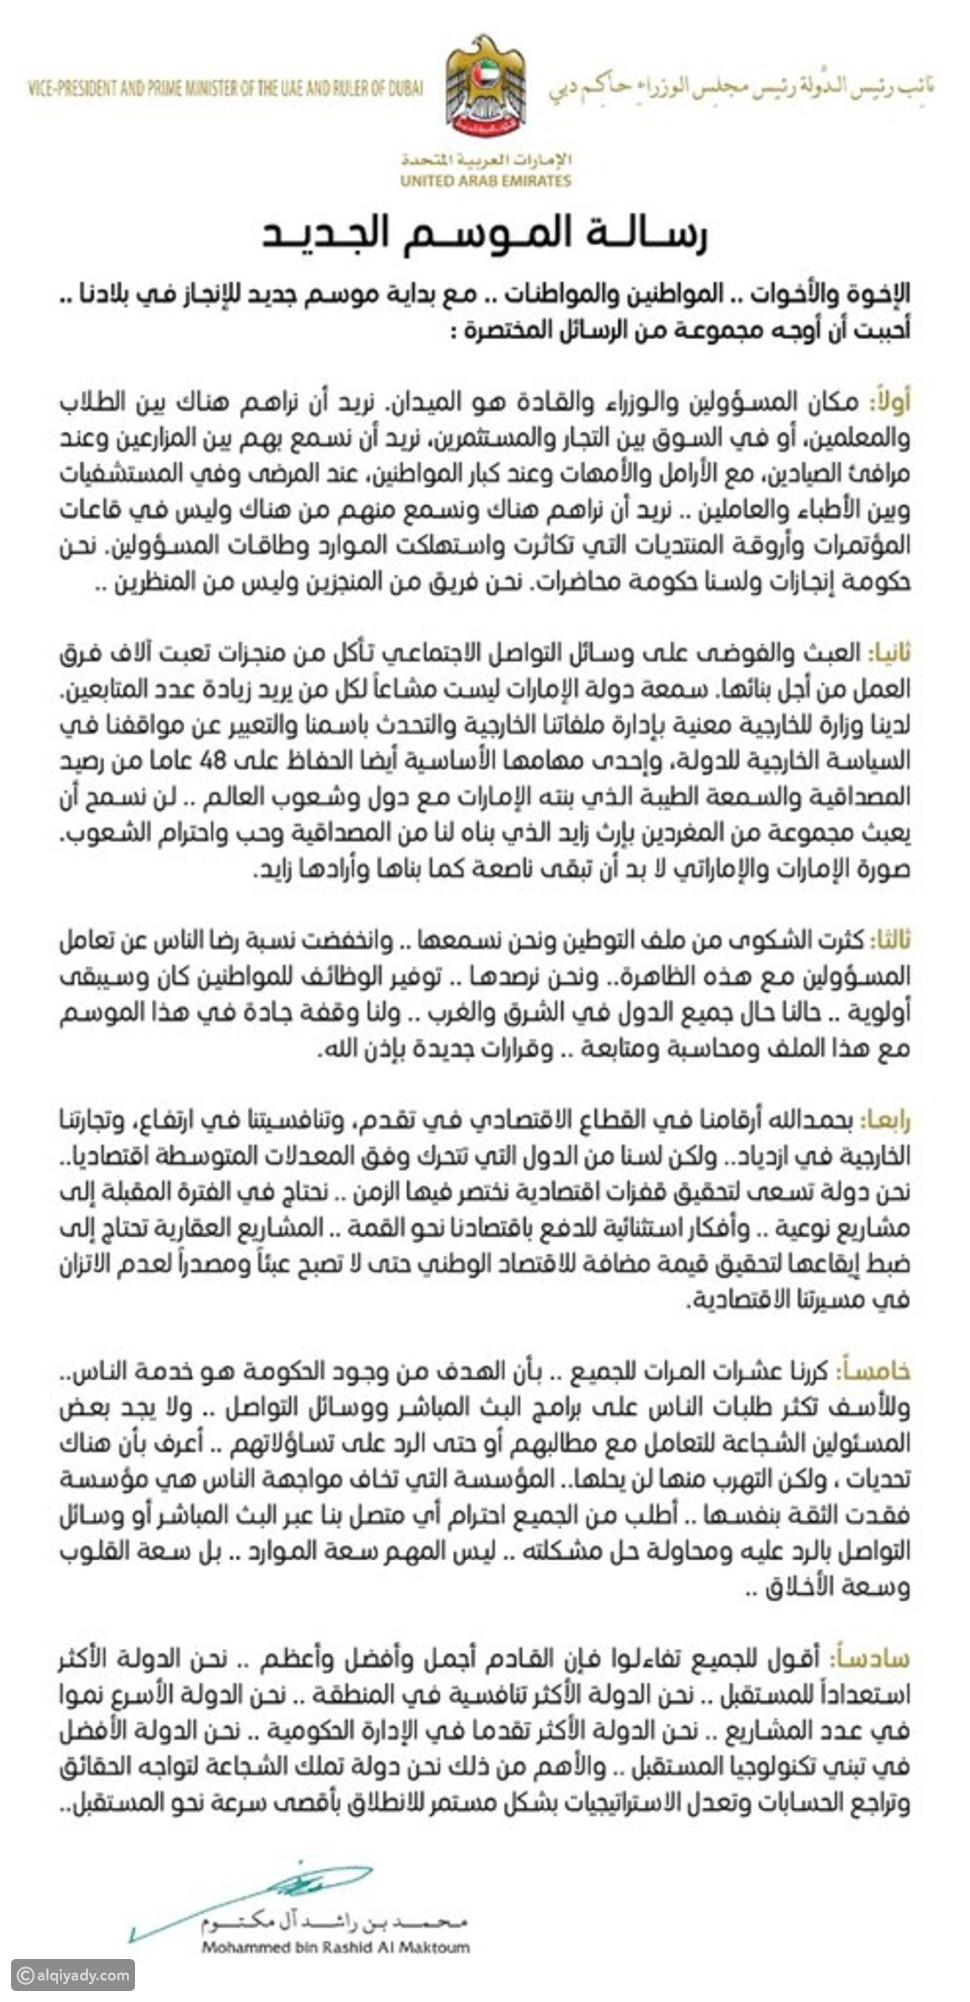 حاكم دبي محمد بن راشد يوجه رسائل صارمة ومحددة لمواطني ومسؤولي الإمارات